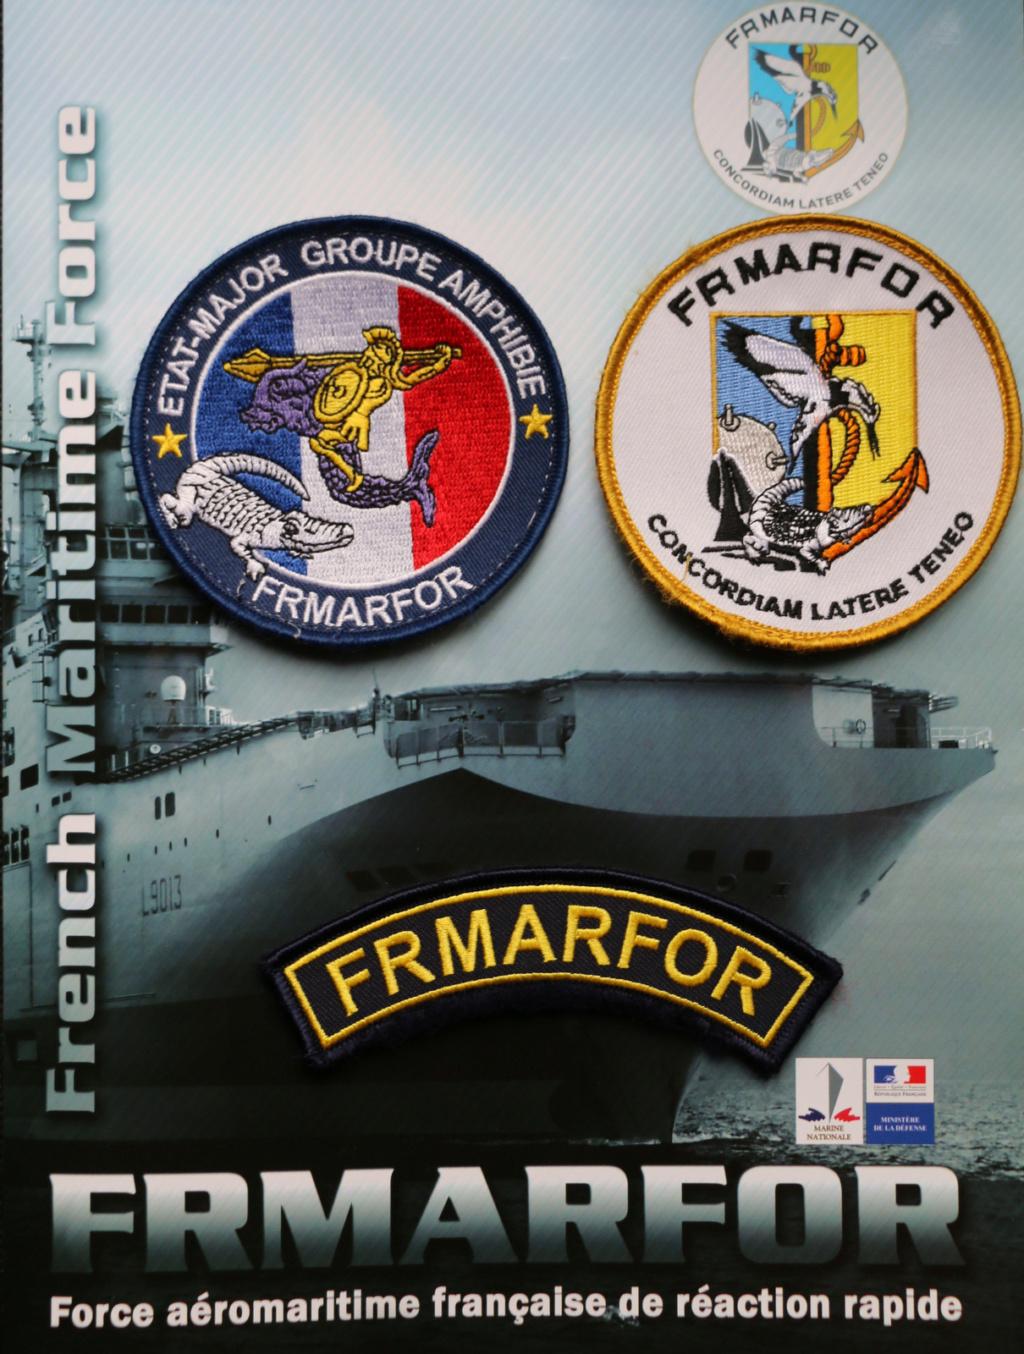 [LES ÉTATS-MAJOR DES PORTS ET RÉGIONS] FRMARFOR (Force Aéromaritime Française de Réaction Rapide) Img_9717